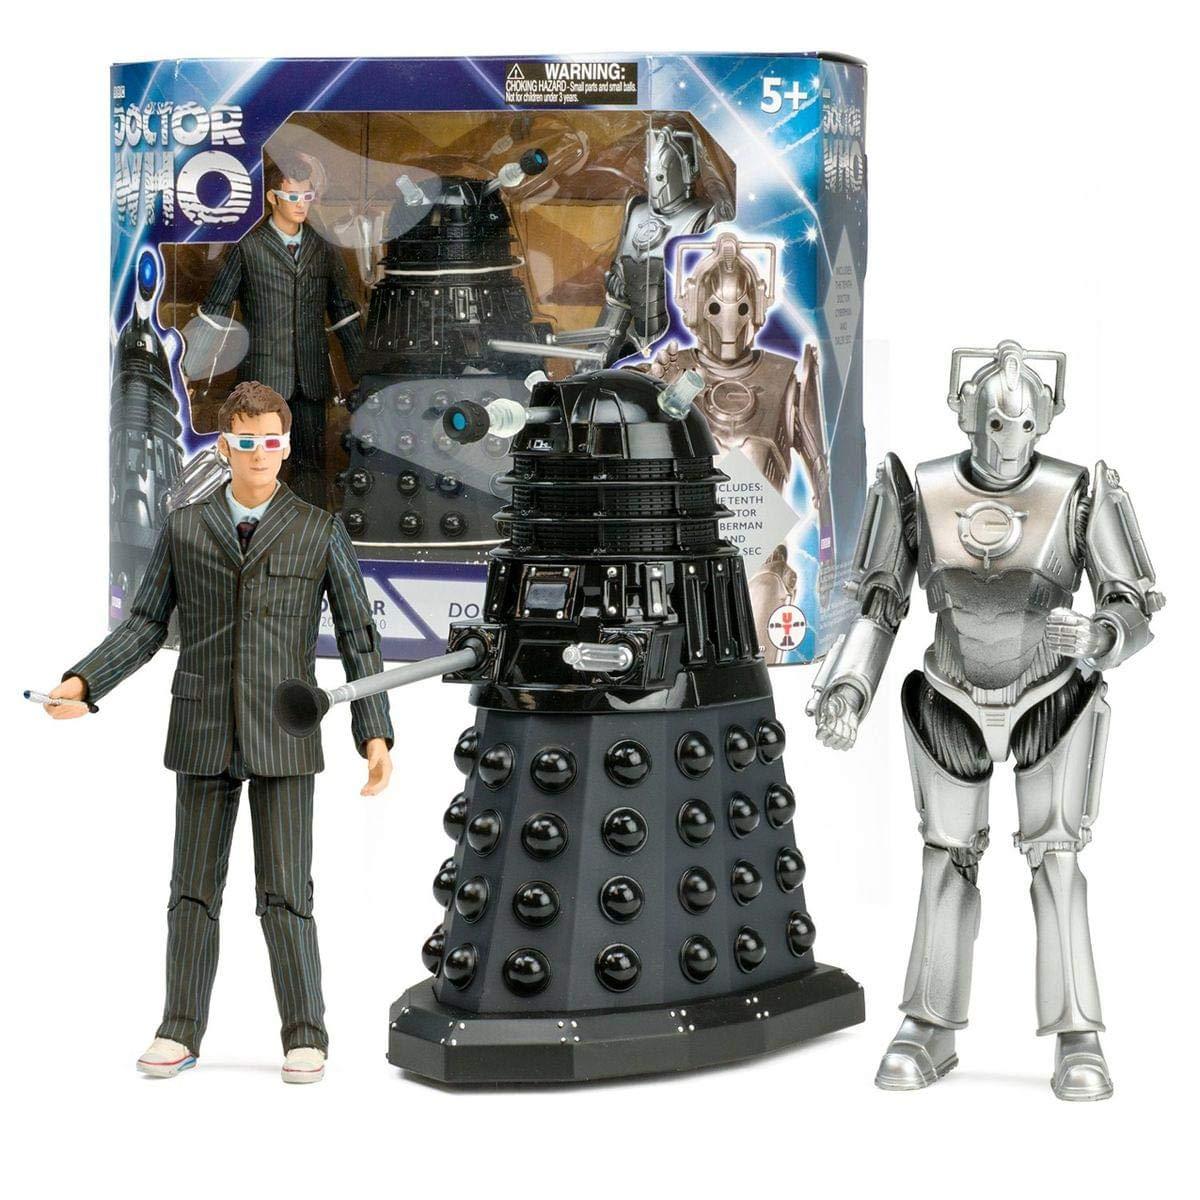 Dr Who - Set figurines 6' - Doomsday Se7en20 UGTDW02322U